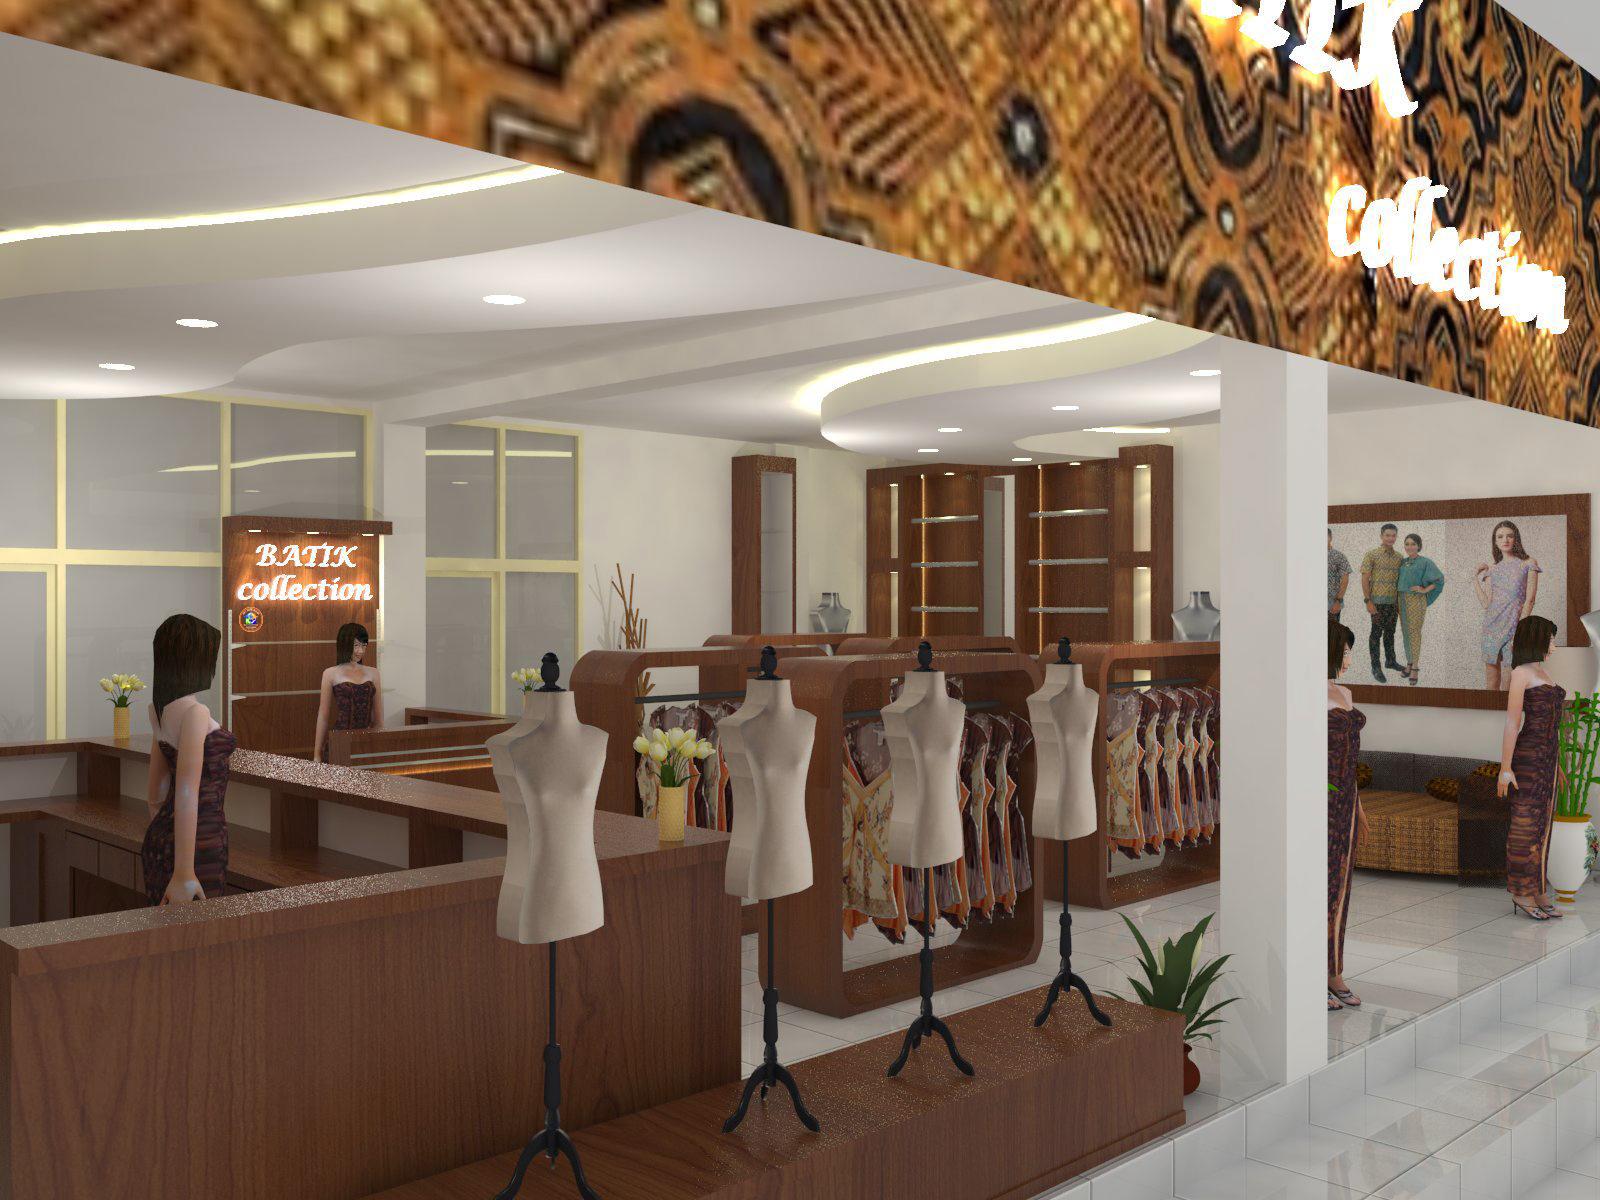 Desain Interior Toko Baju Batik | Klopdesain